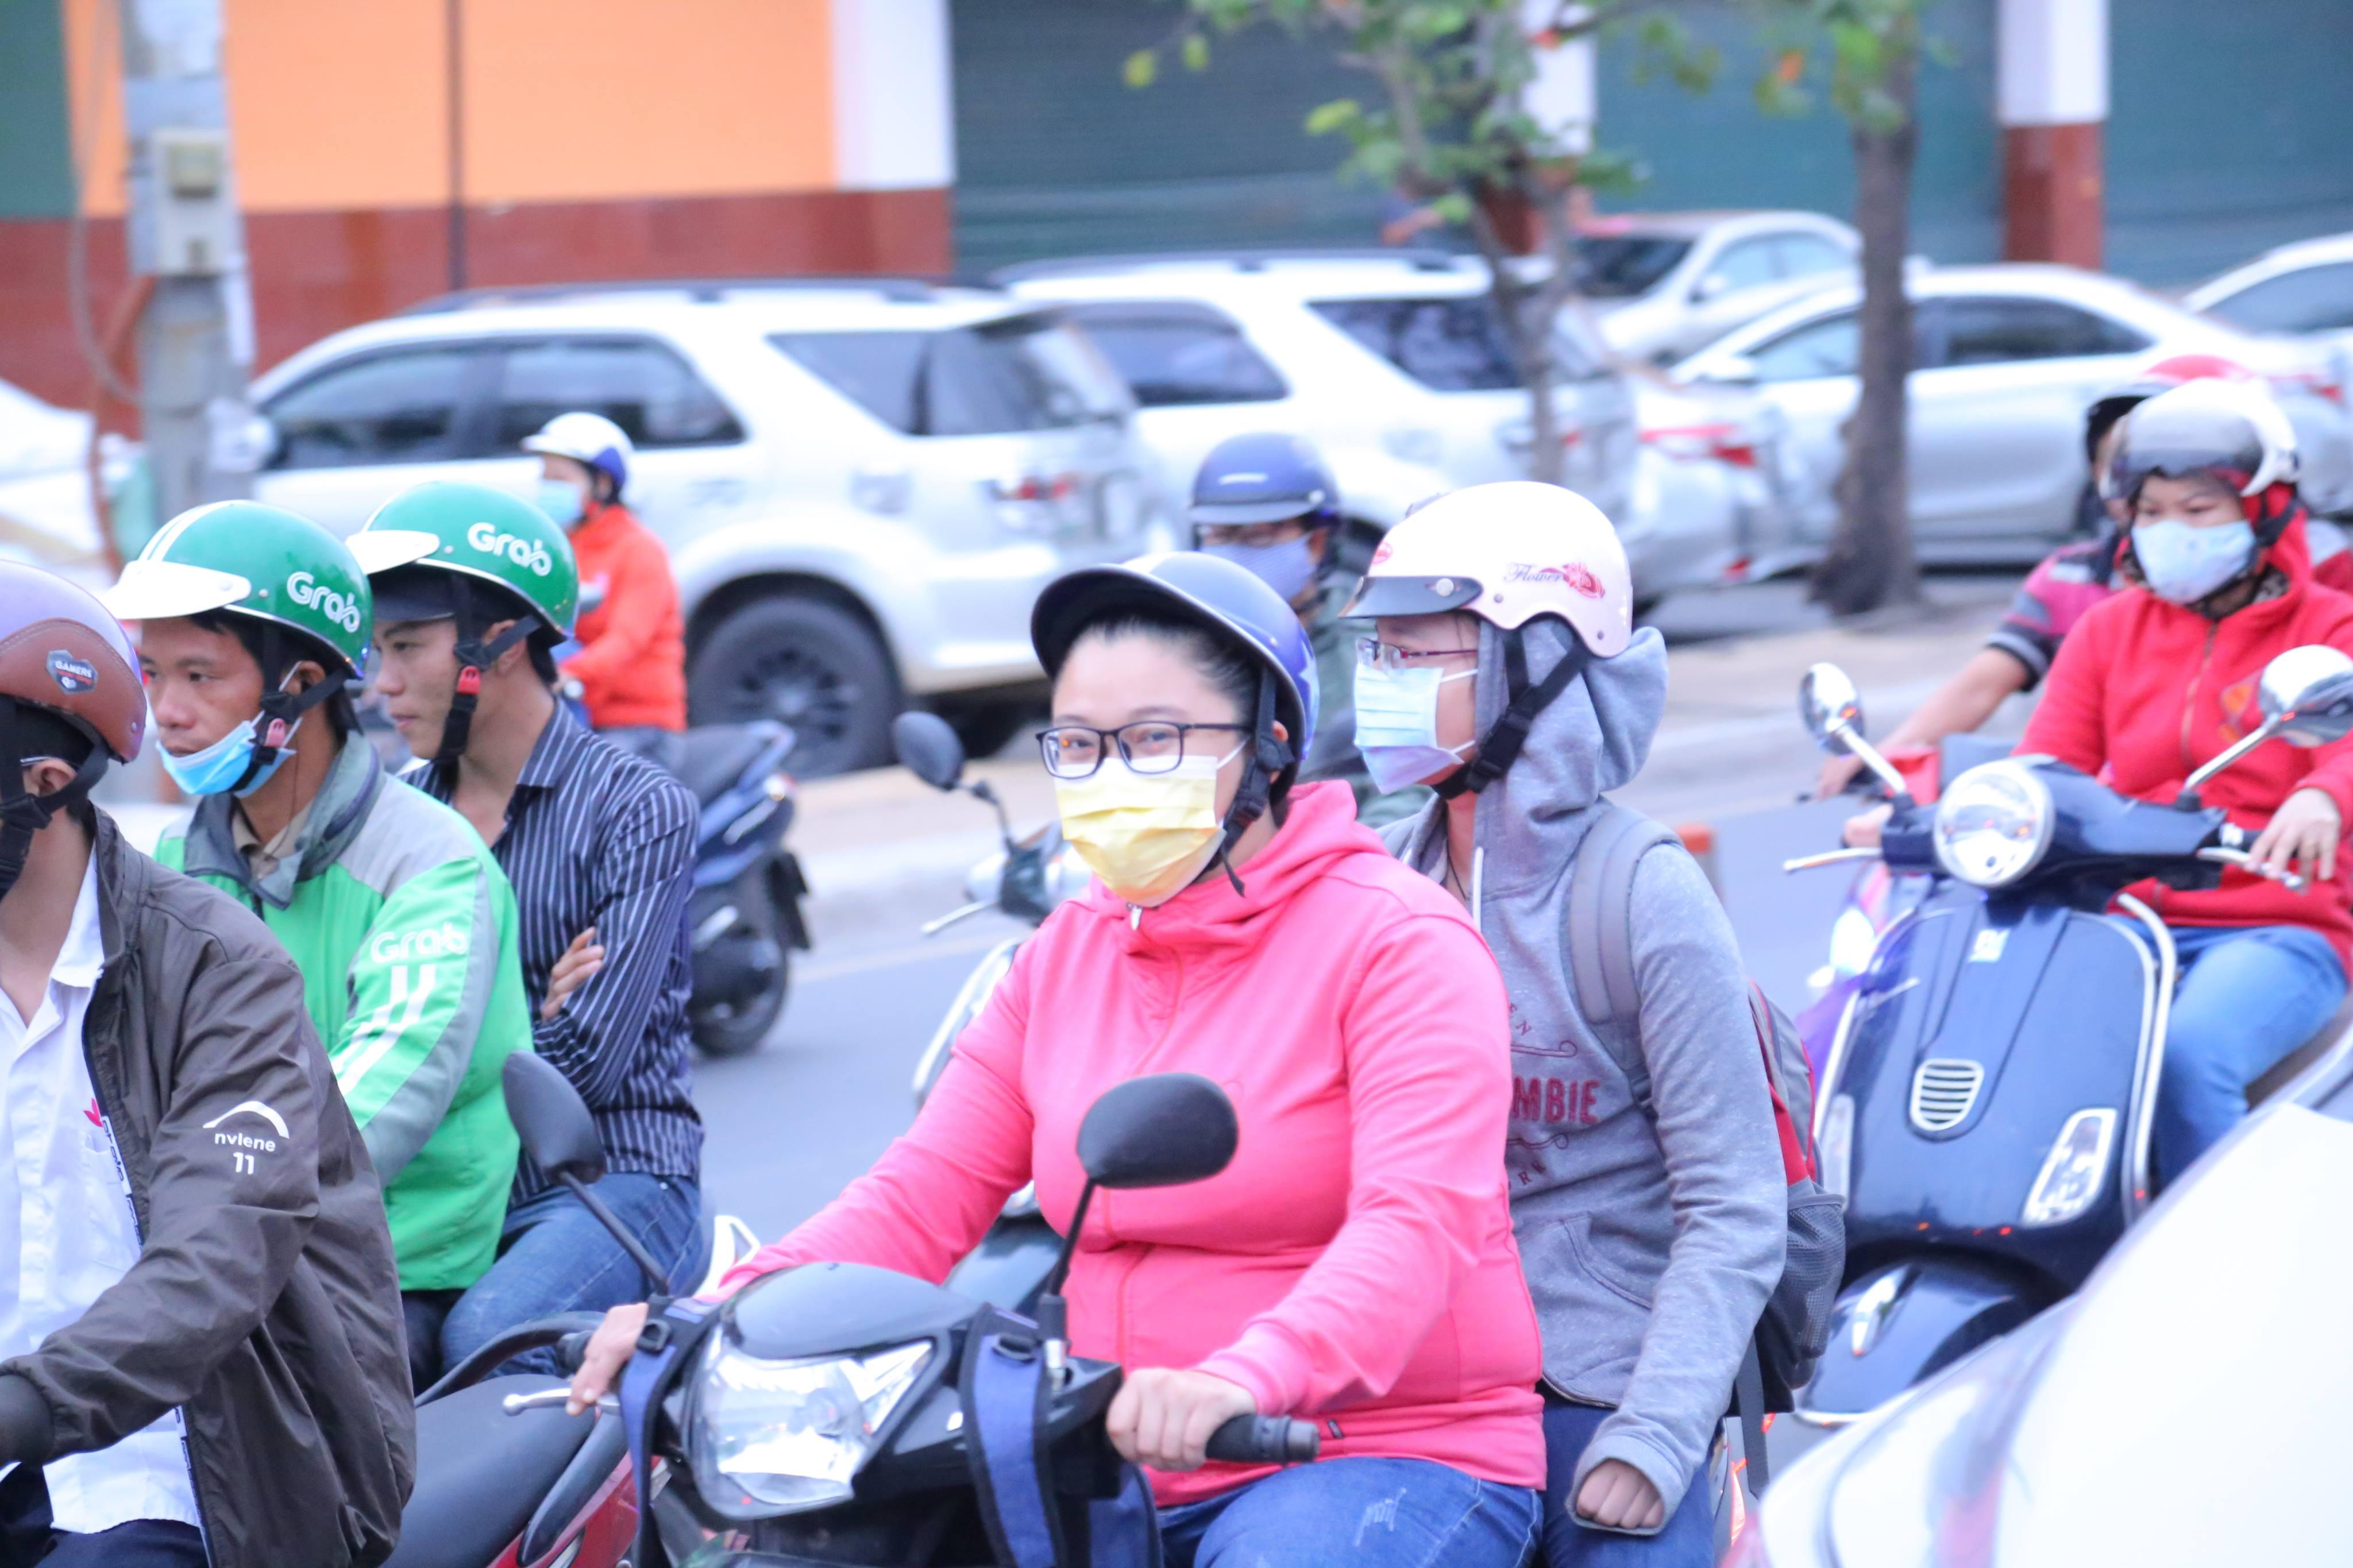 Sài Gòn bất chợt se lạnh như trời Đà Lạt, người dân co ro ra đường trong ngày đi làm đầu năm 2019 - Ảnh 6